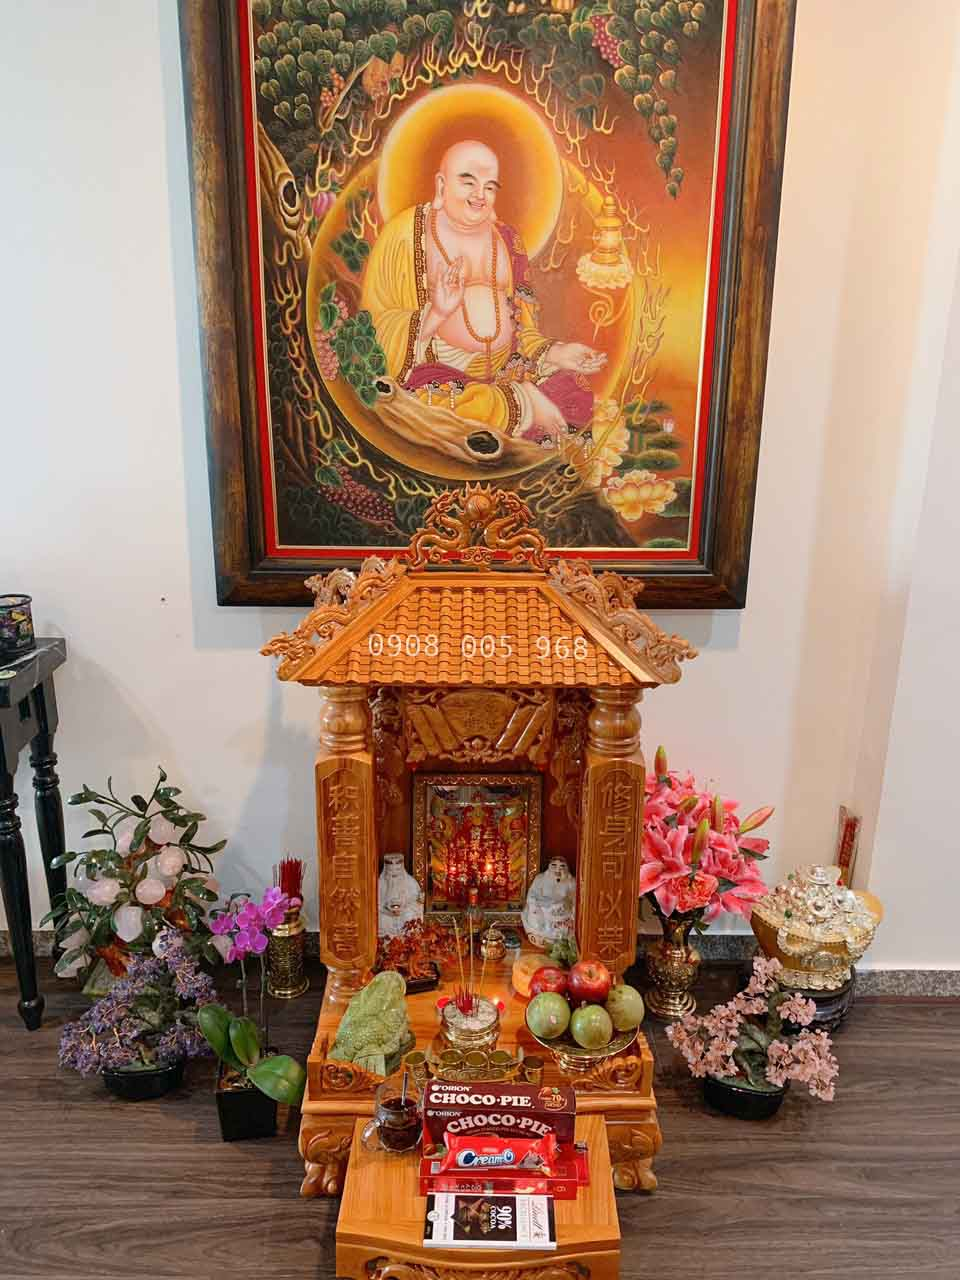 Hình ảnh bàn thờ thần tài đẹp